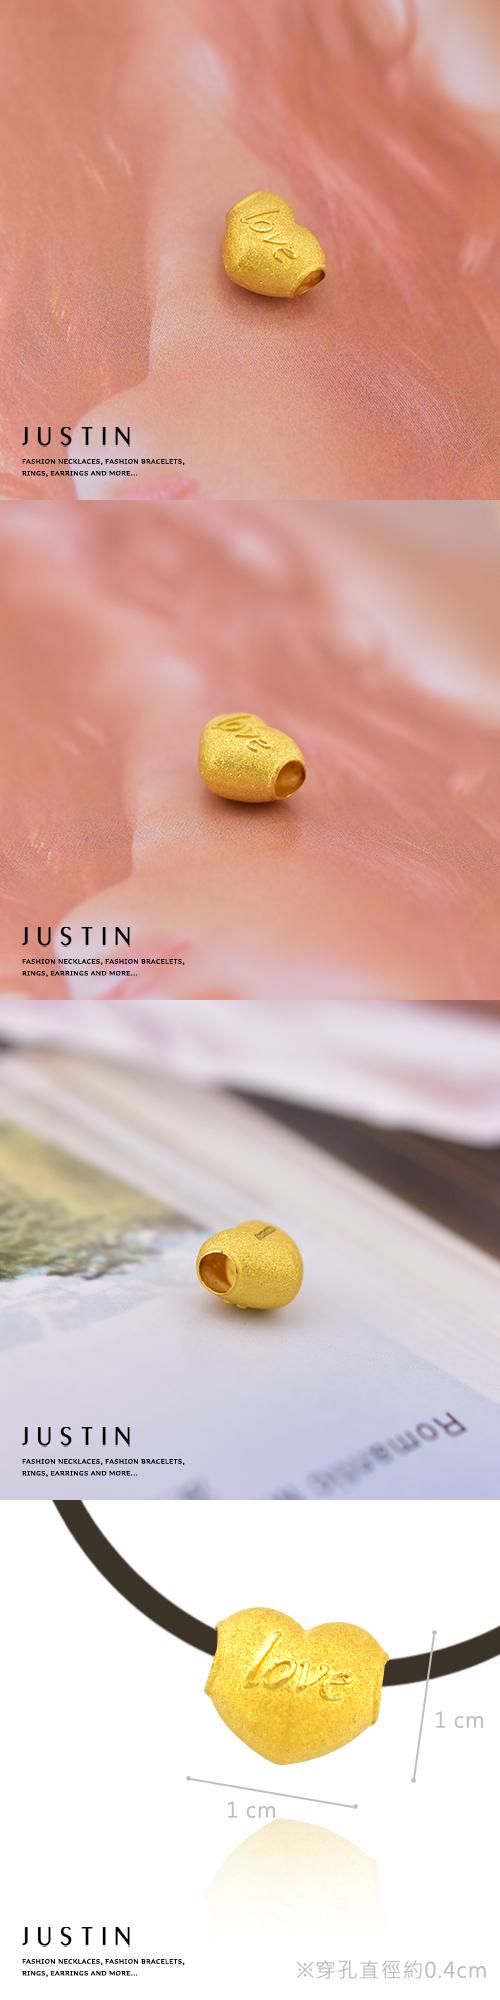 金緻品,金製品,黃金價格,金飾,金飾價格,黃金飾品,金飾店,純金,金飾品牌,黃金投資,情人節,愛情,黃金墜子,愛心,鑽砂,愛的宣言,情人送禮,送禮